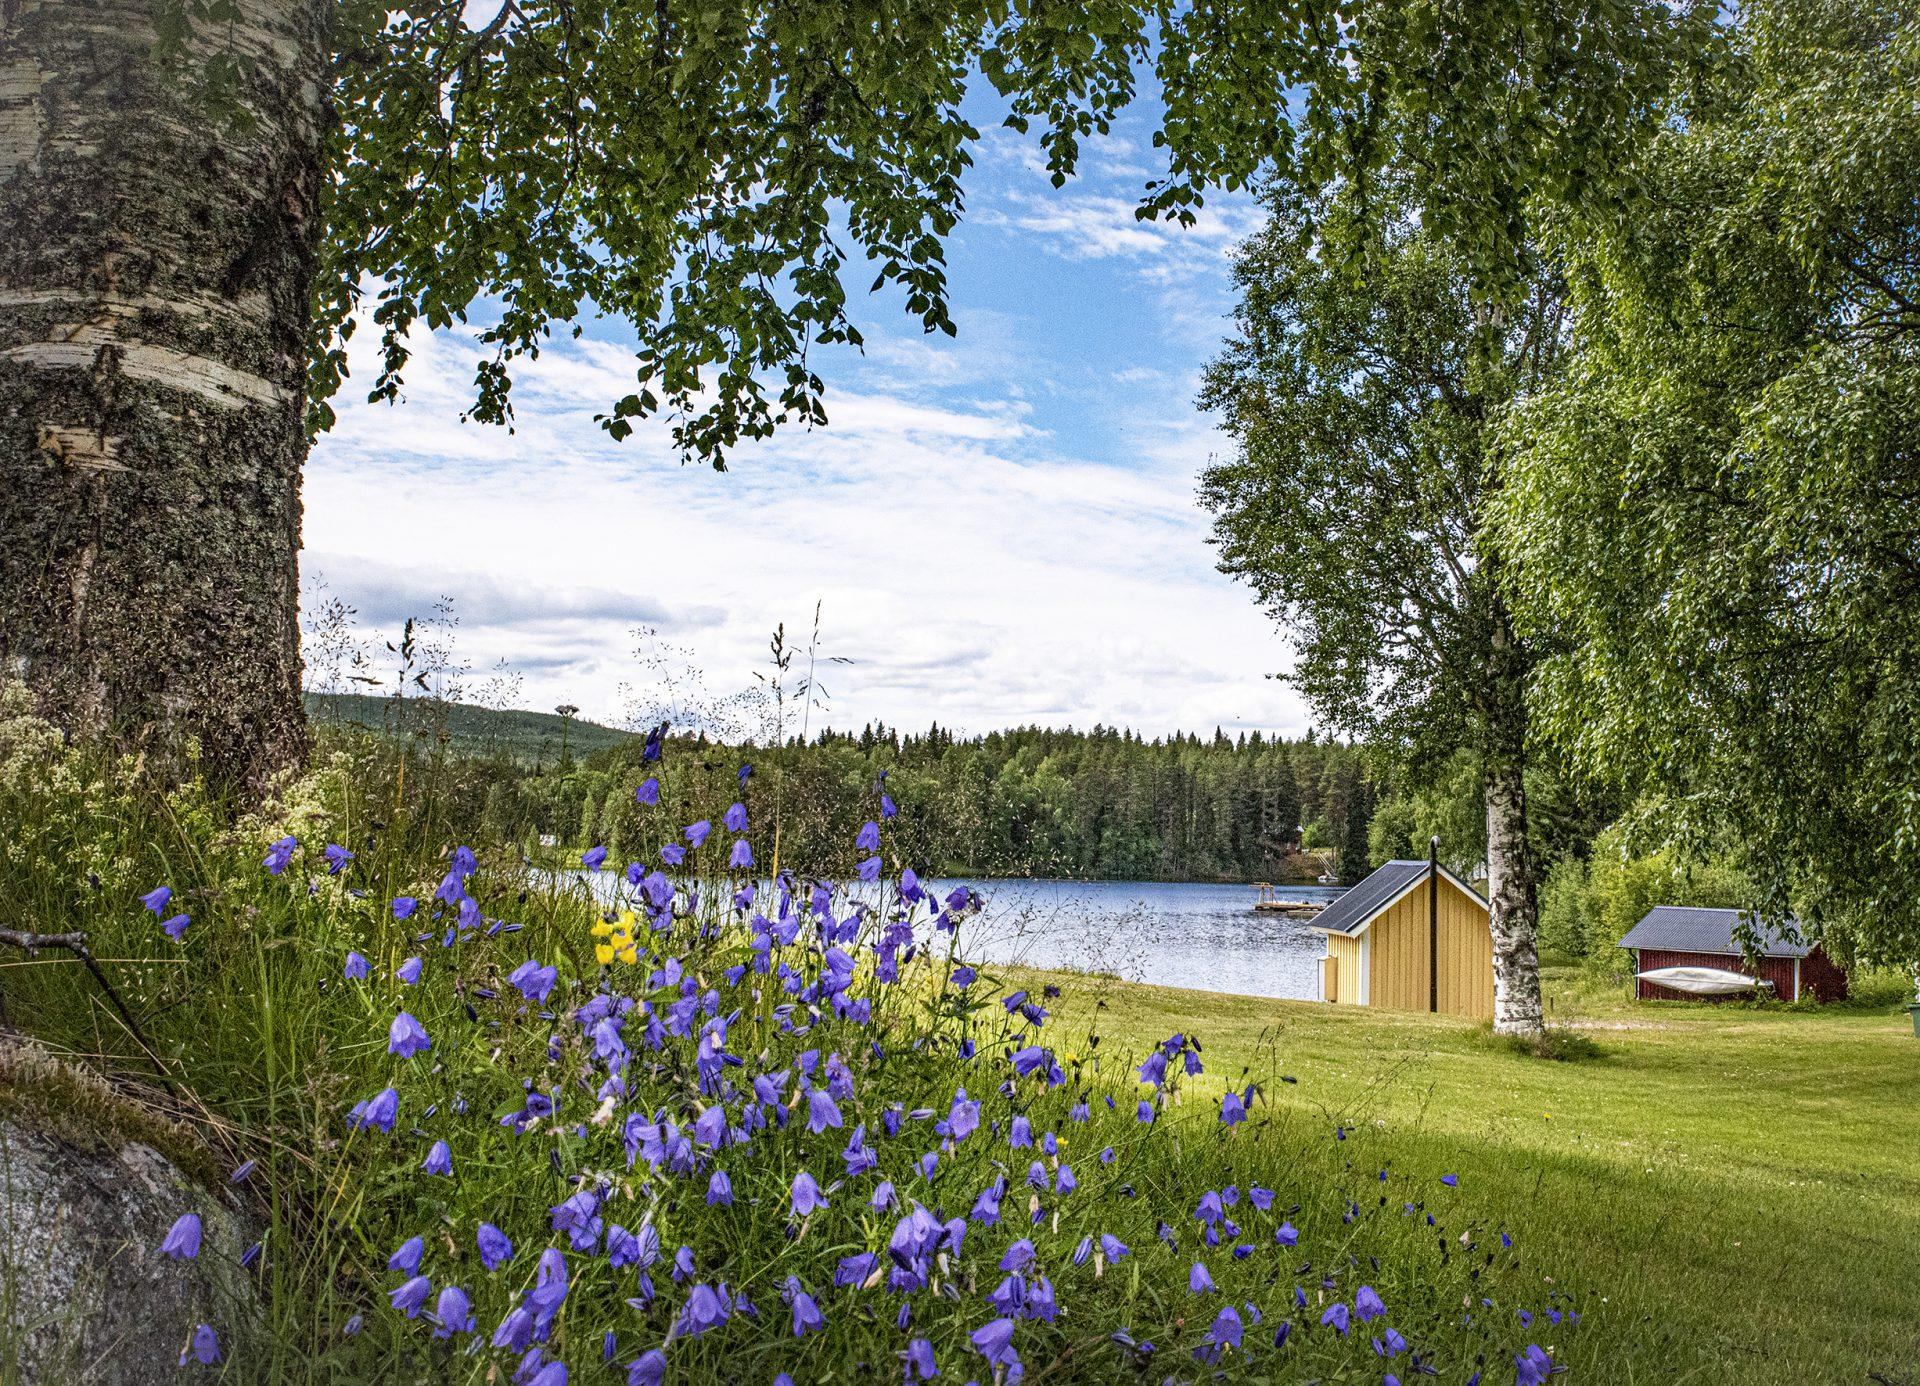 Bluebells Hoting Camping Erika Enequist